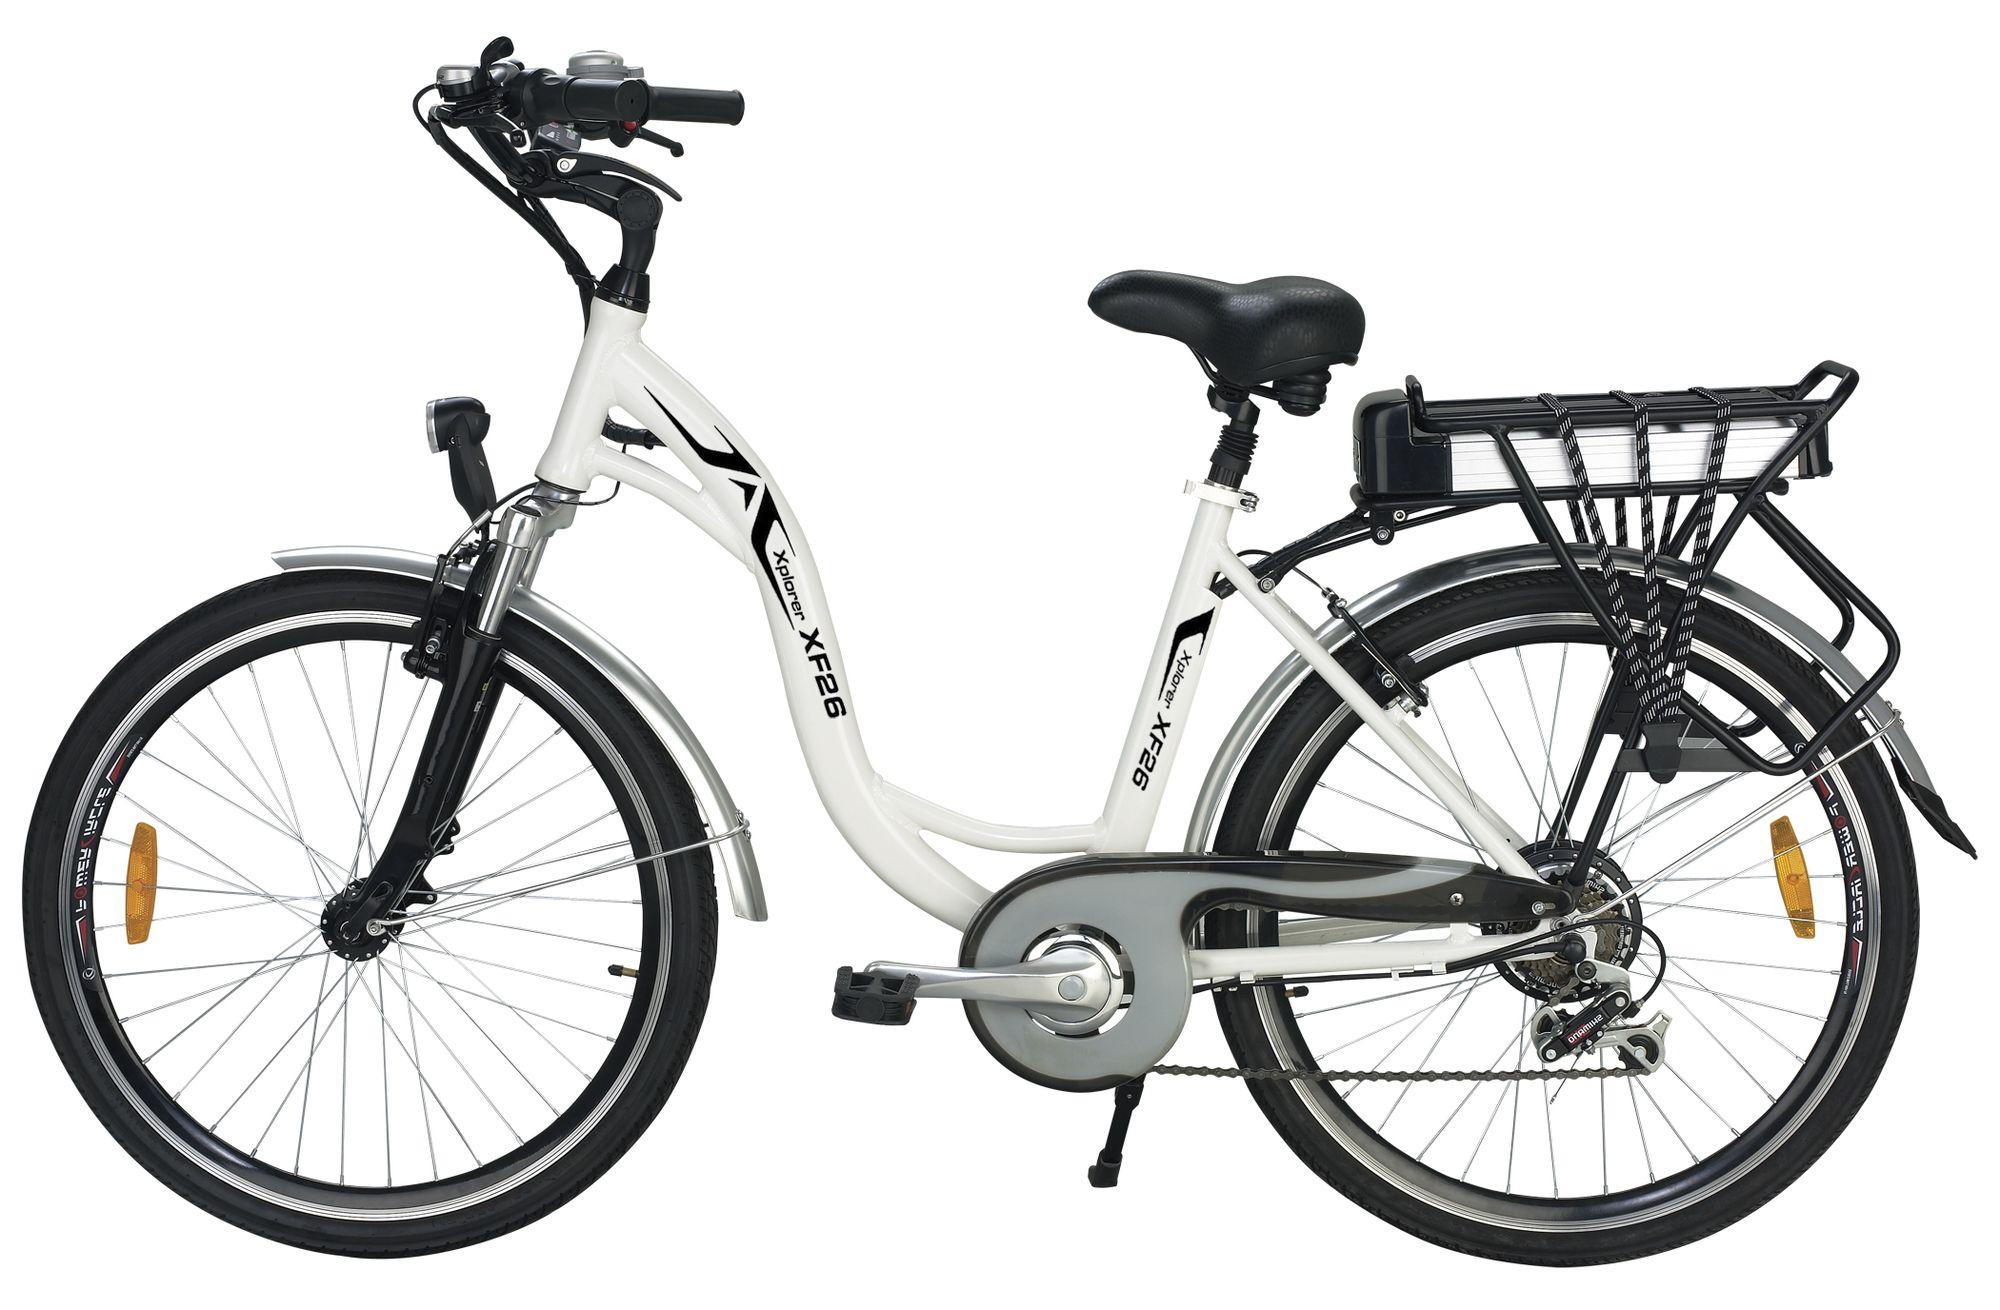 Xplorer 7 Speed Lithium Power Electric Bike 26 Sold At Walmart